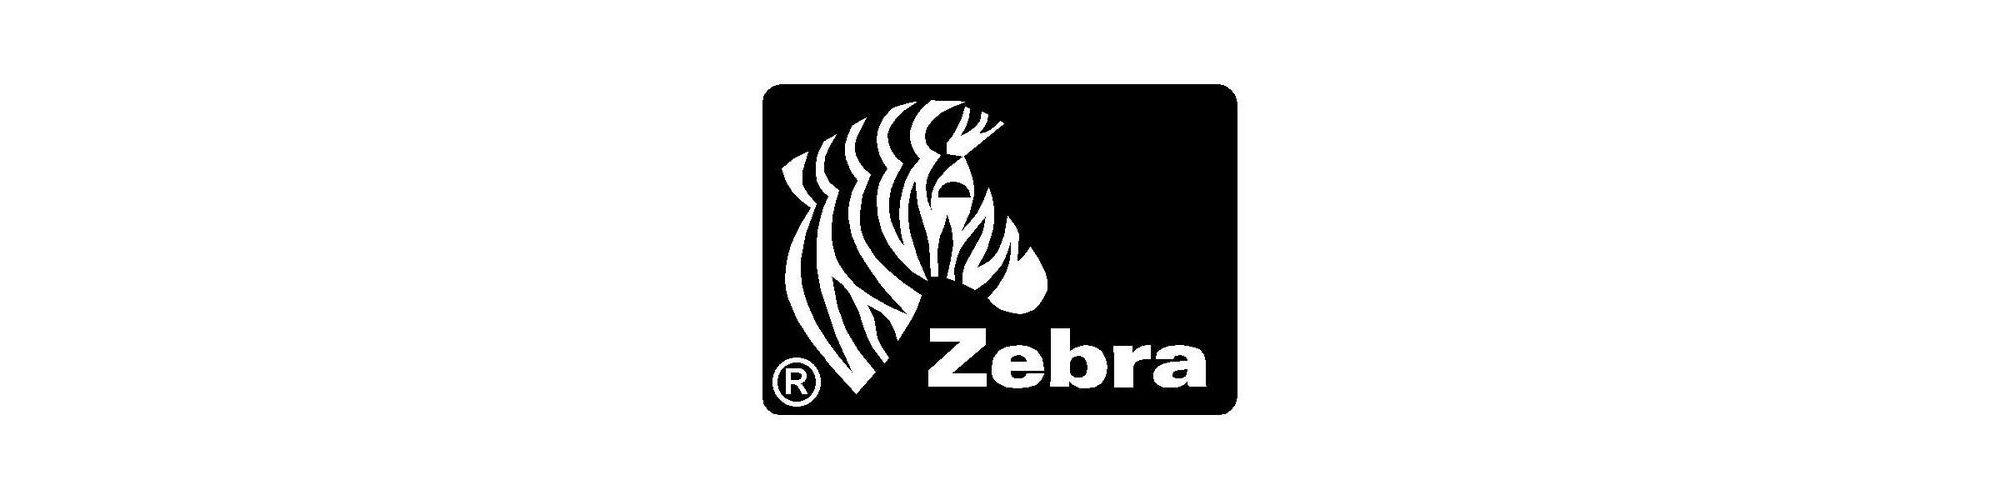 Computer hardware and software: Zebra Z-Select 2000T Matt ...